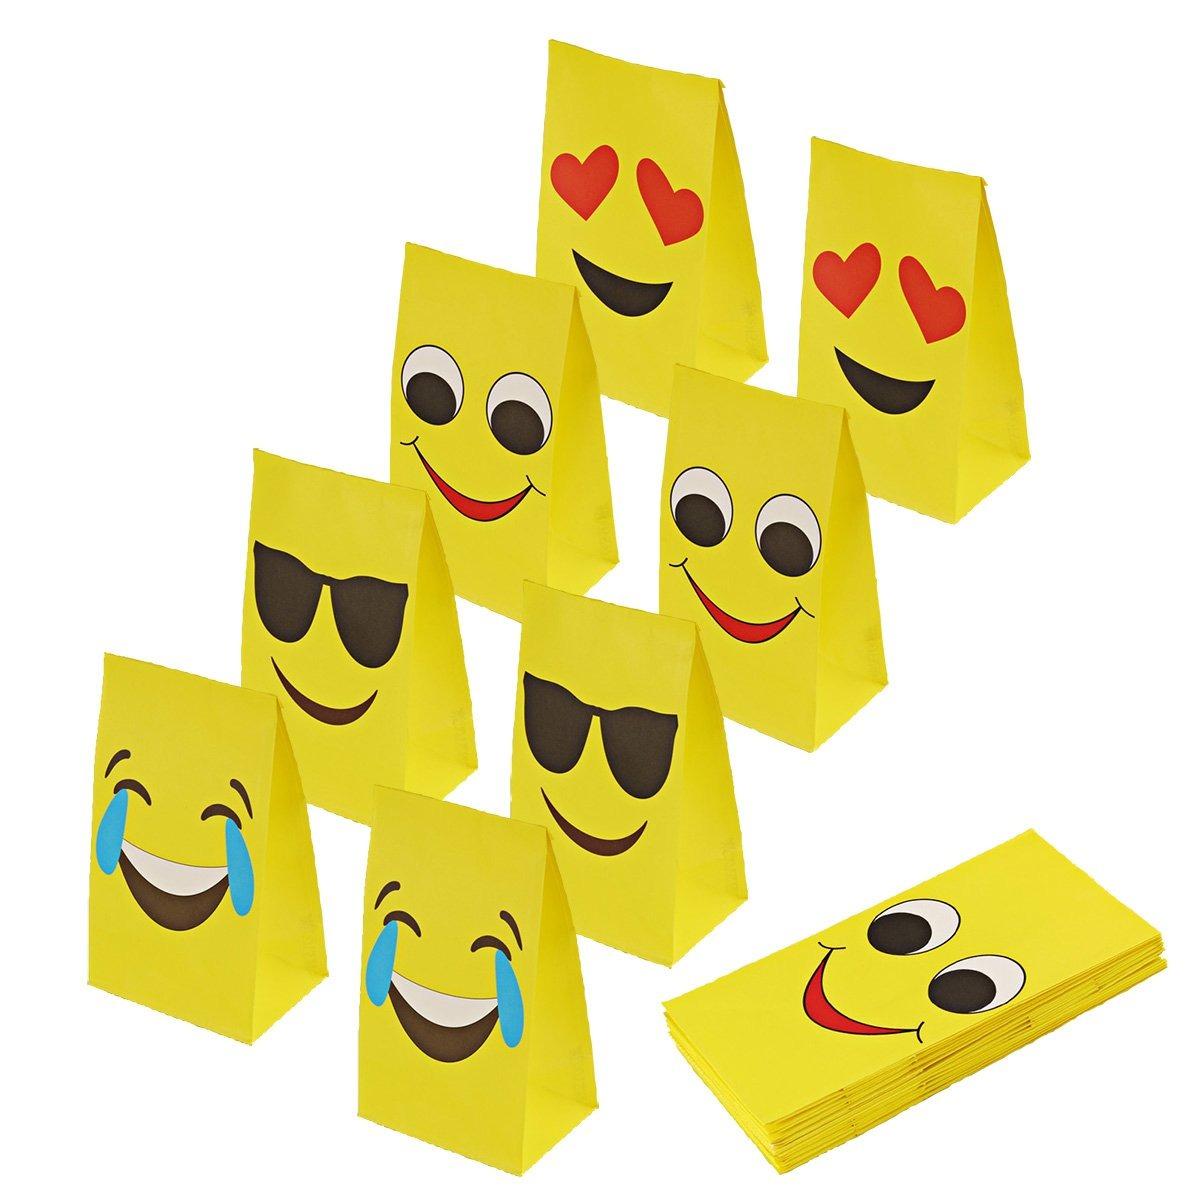 paquete De 4 Papel facial completa personalizada emoji Fiesta Bolsas